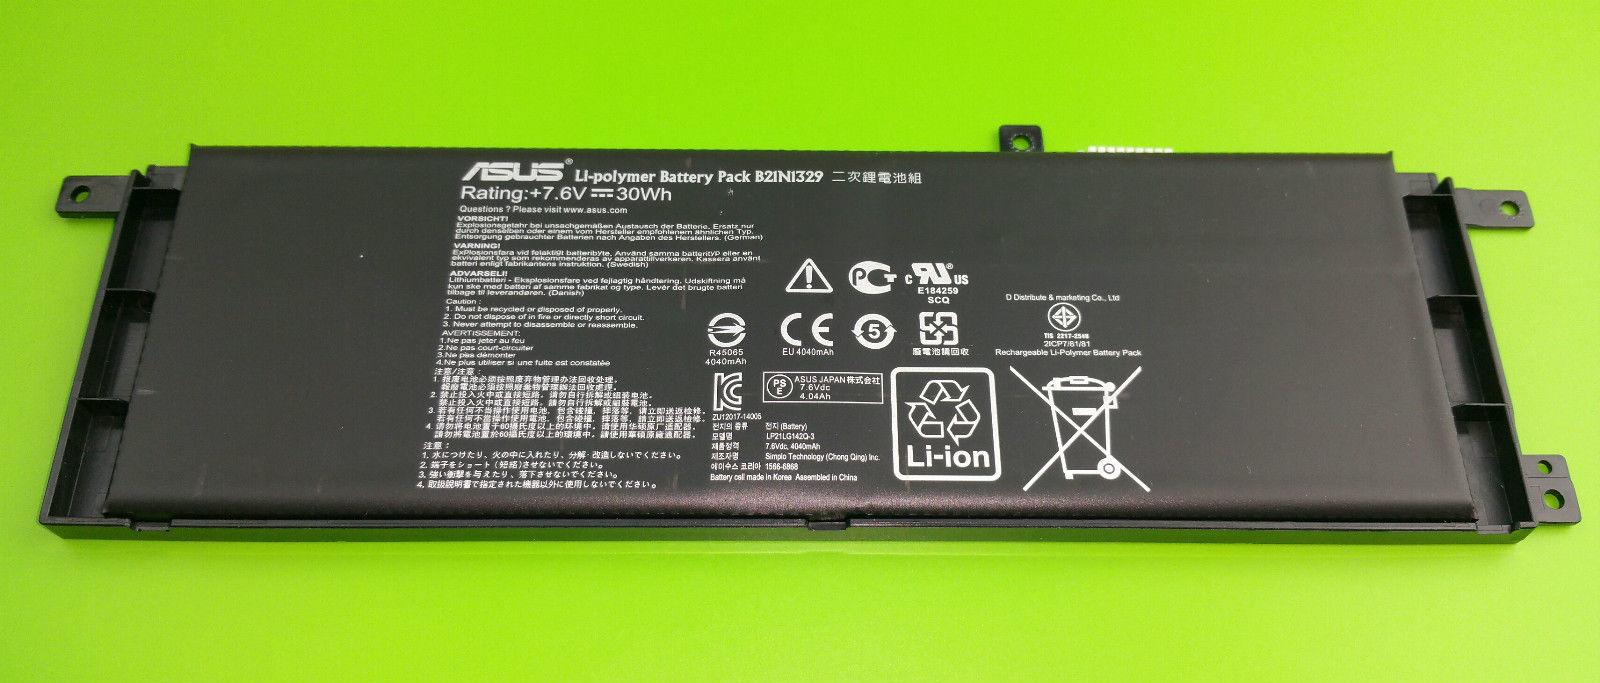 Bán pin laptop Asus X553m giá rẻ tại Hà Nội